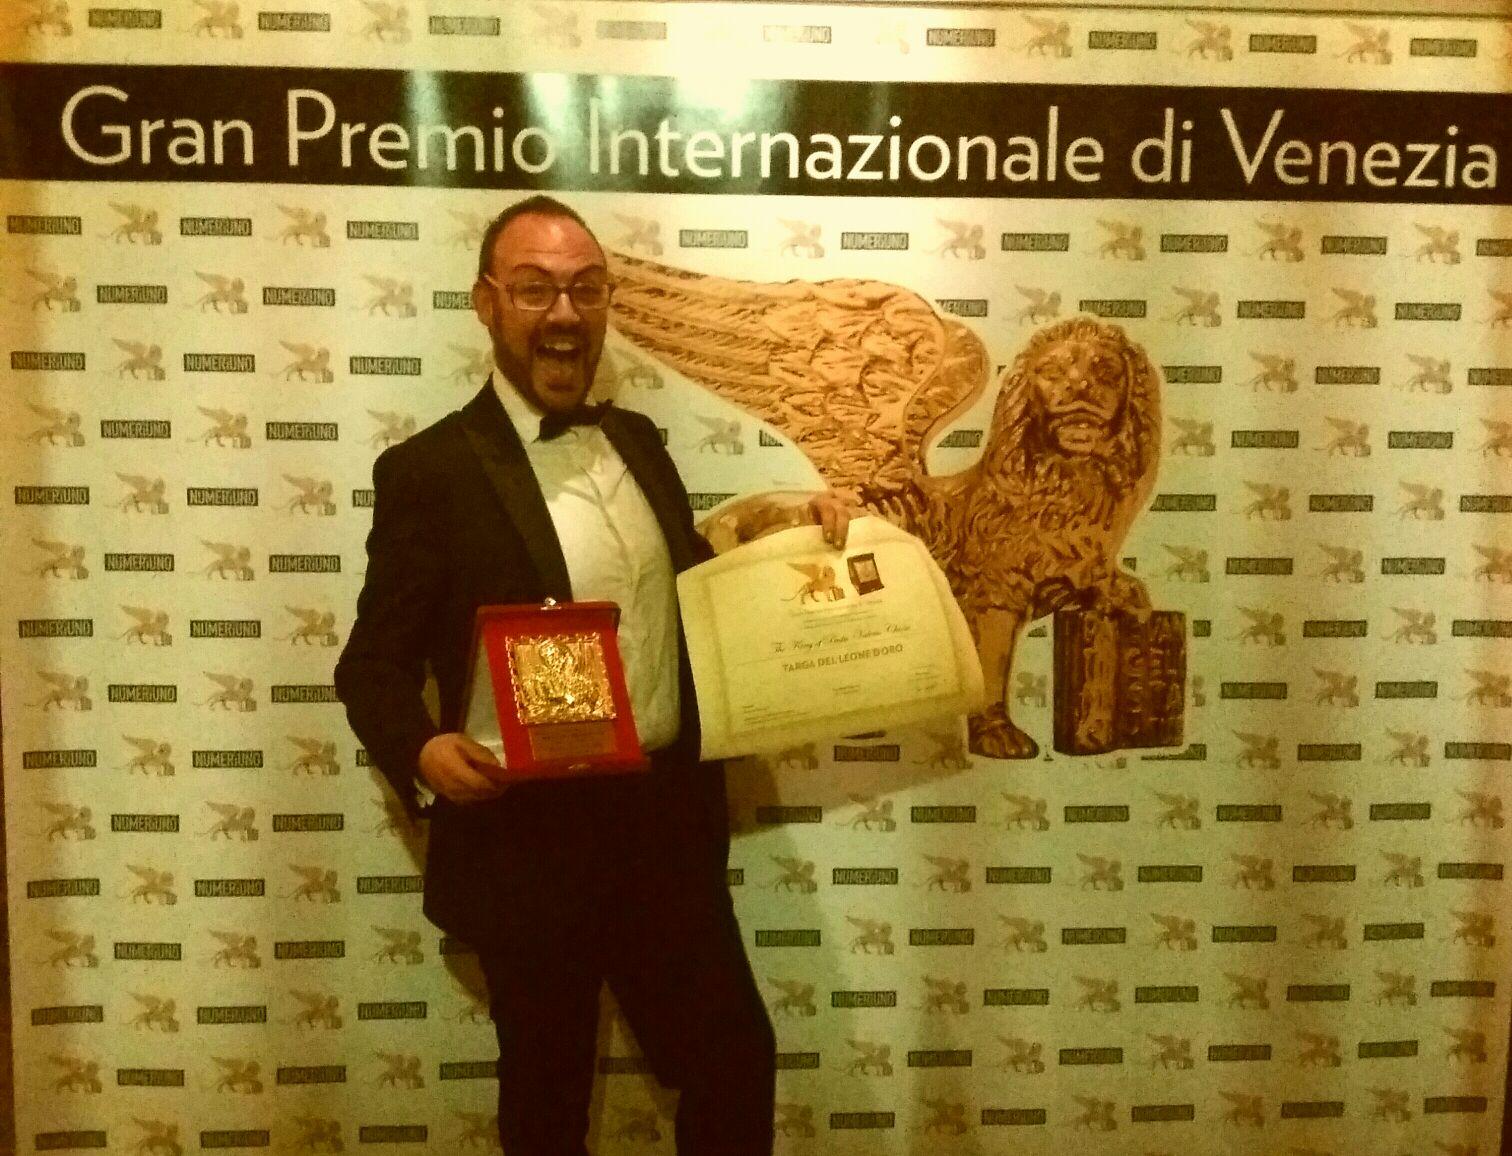 gran premio internazionale di venezia leone d'oro pastificio valerio Chiesa